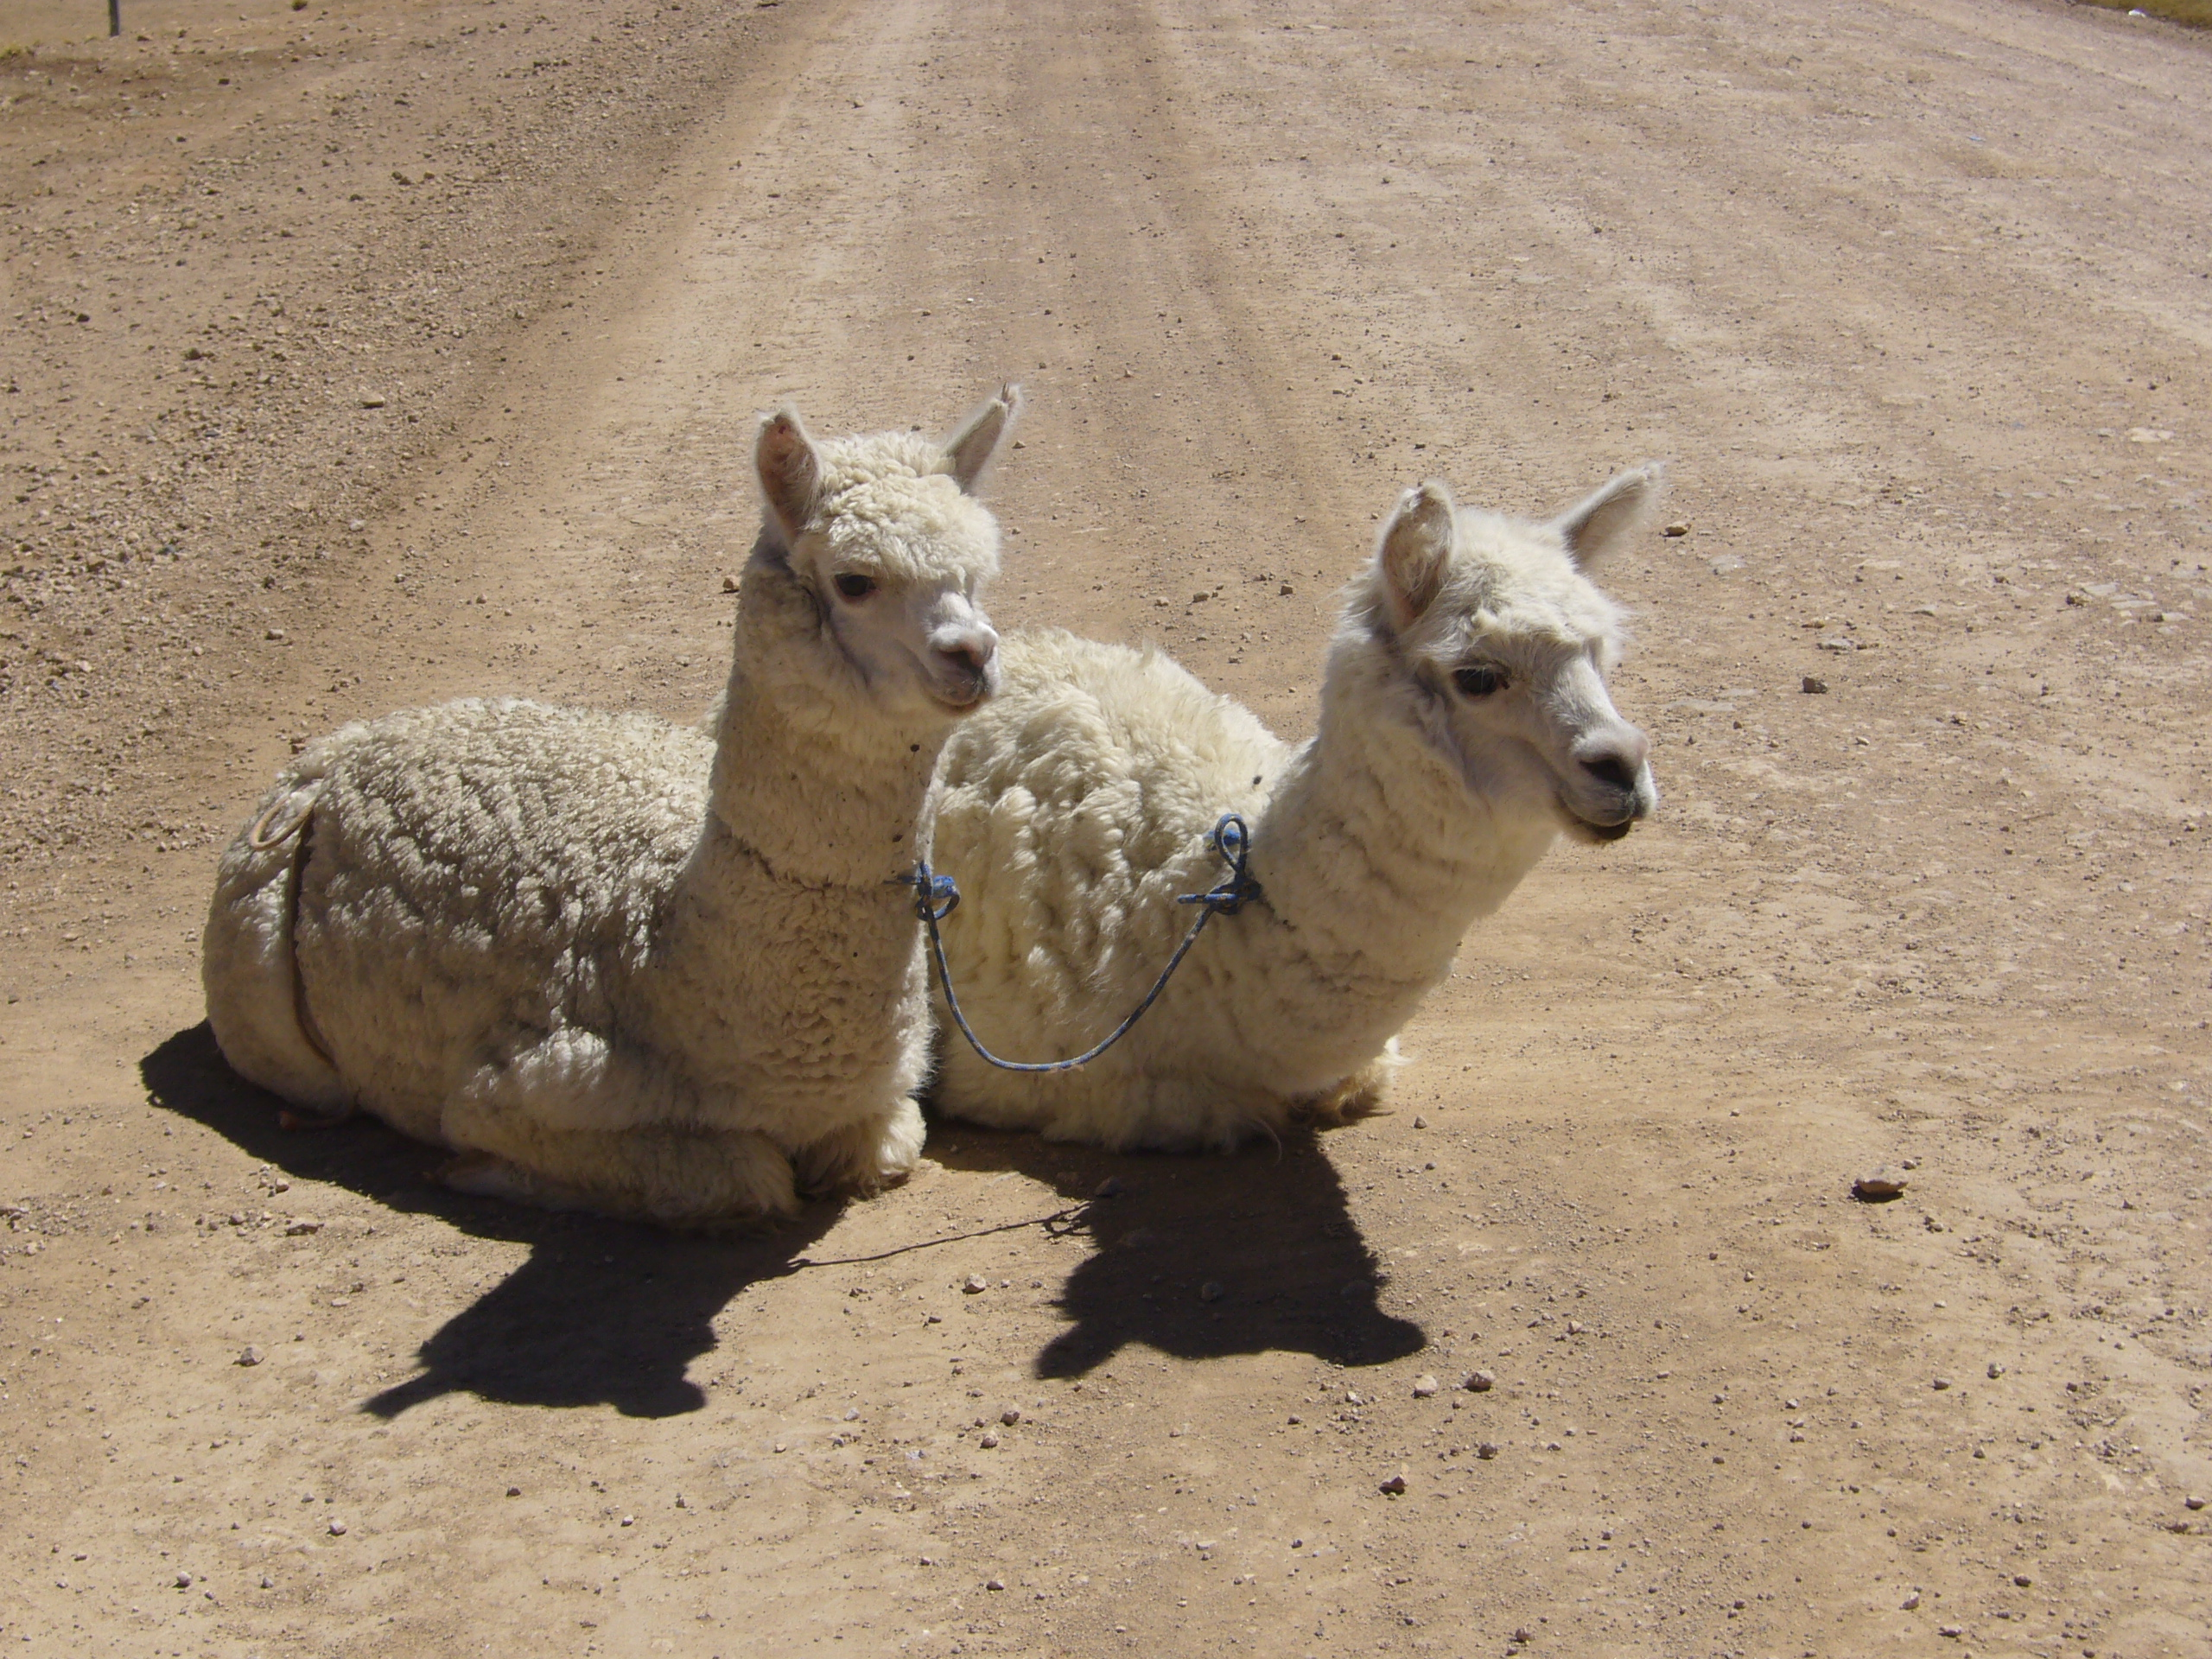 Radreise Peru 2008 - Alpakas